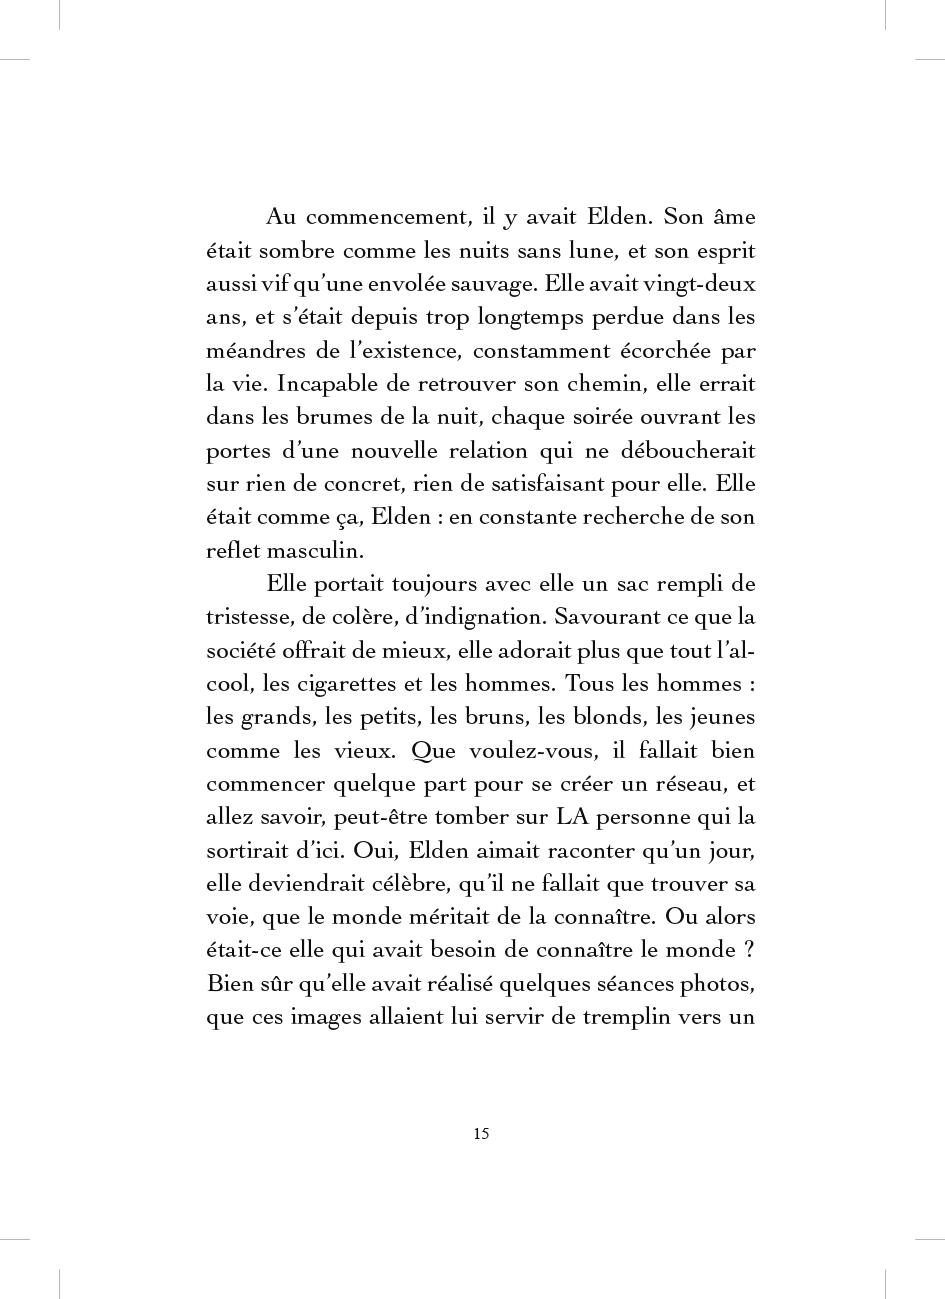 Noir et blanc - page 15